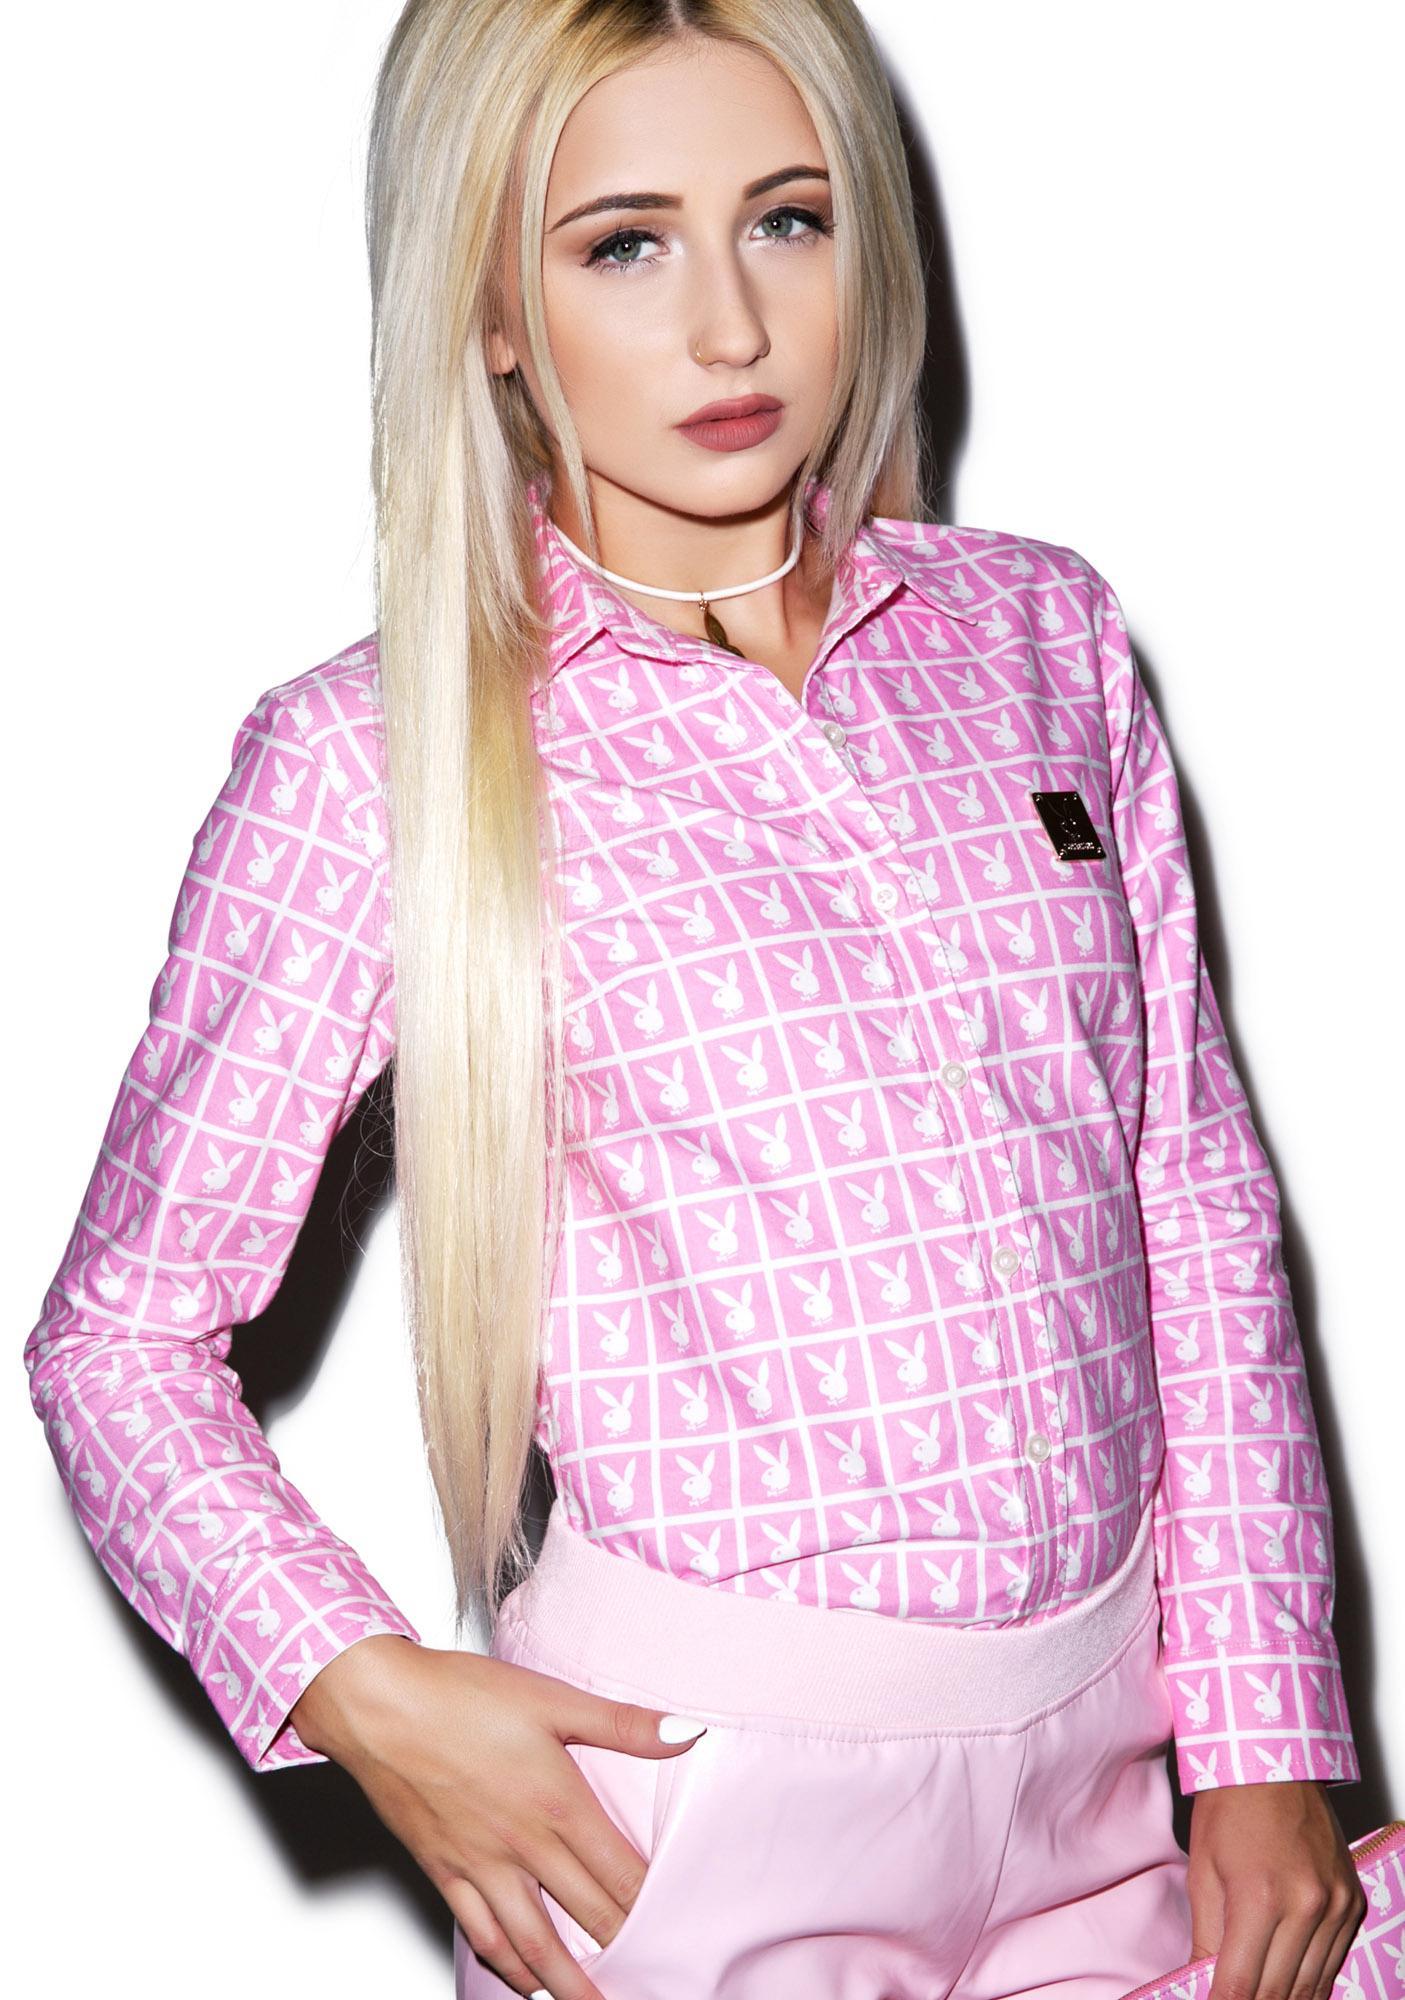 Joyrich X Playboy Panel Shirt